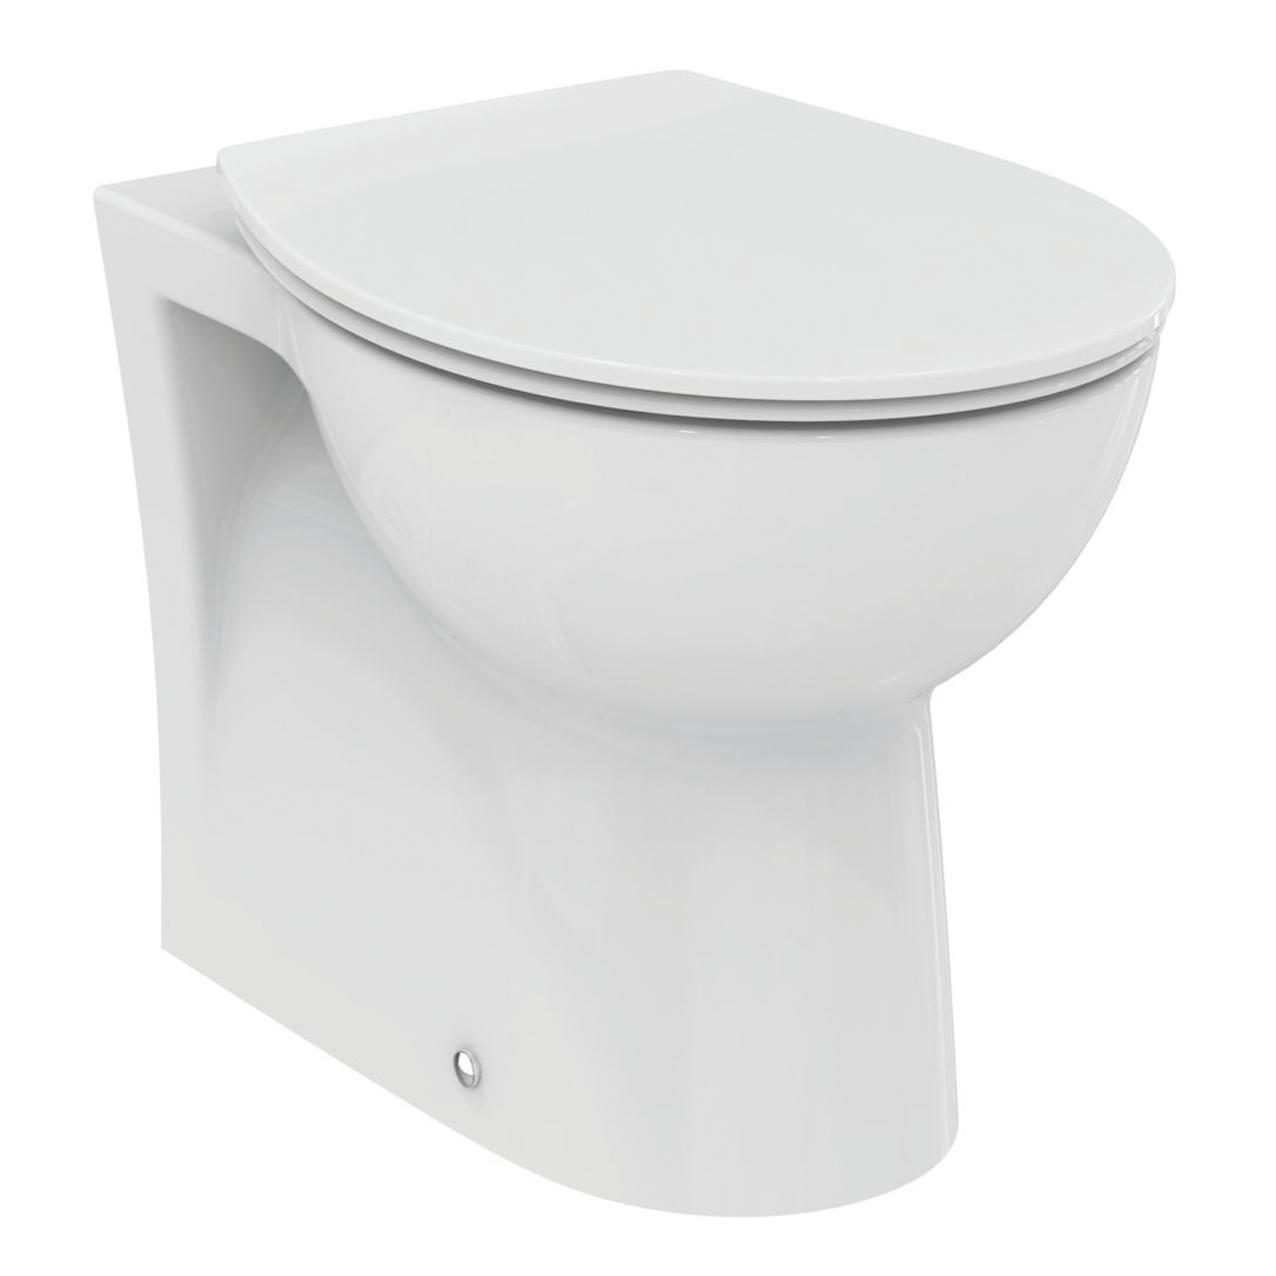 Coppia sanitari pavimento filo muro Miky New IDEAL STANDARD - 9